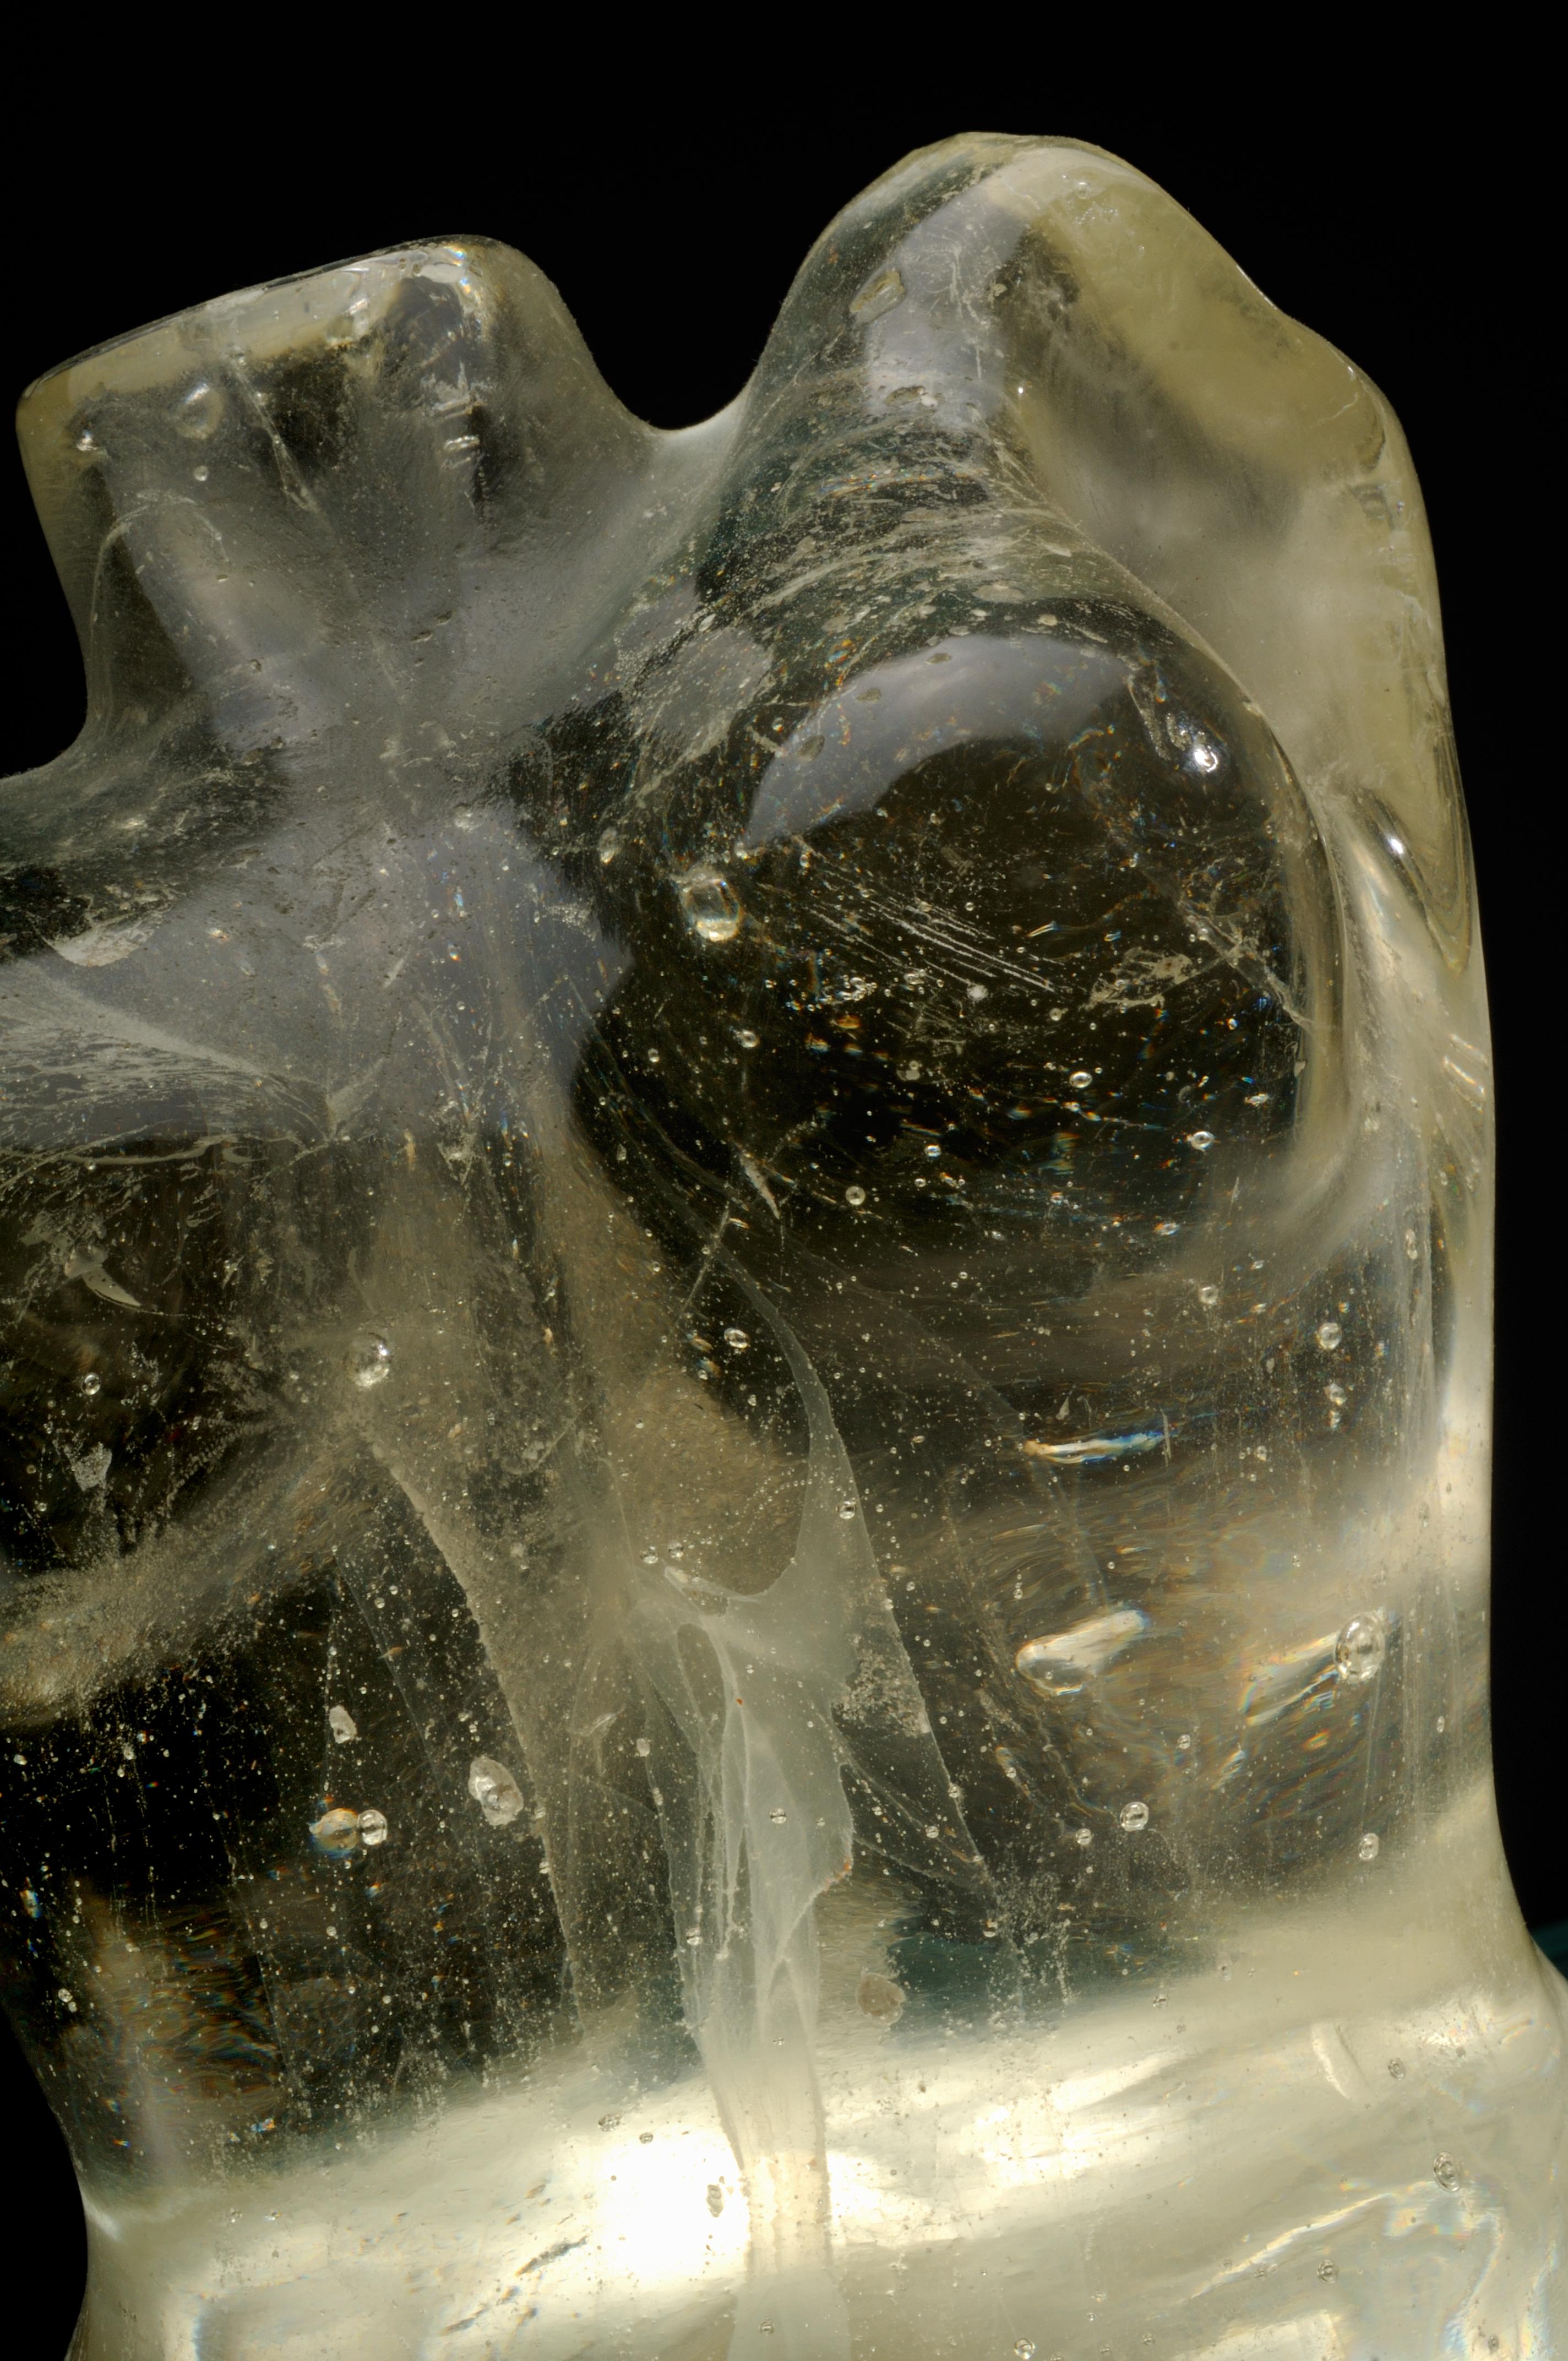 Petit buste - Sculpture de Patrick CHALAND